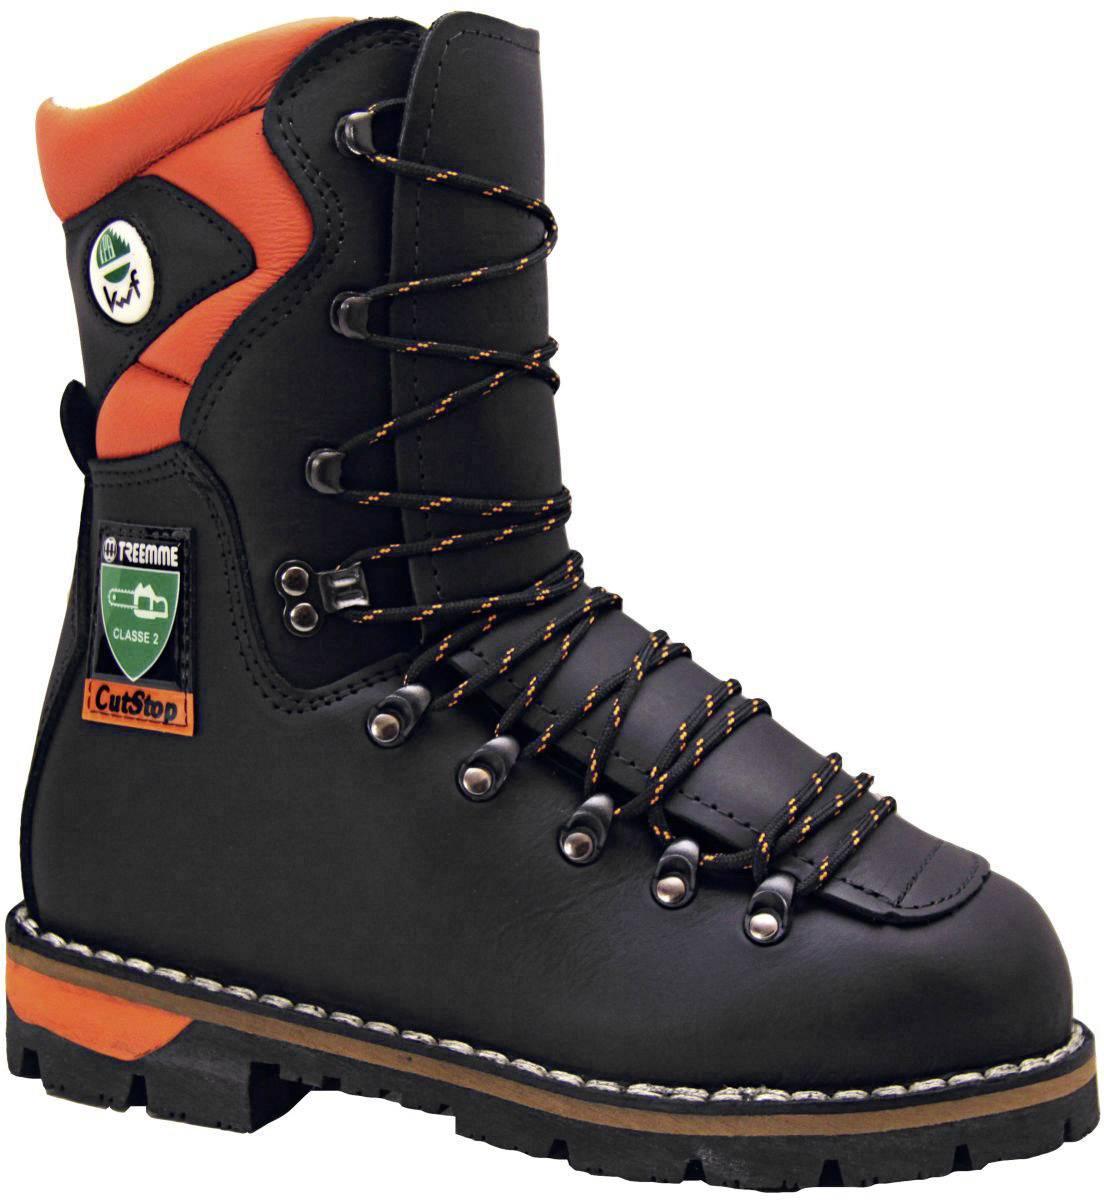 Bezpečnostní obuv s ochranou proti pořezání S3 Treemme 2435, vel.: 40, černá, 1 pár